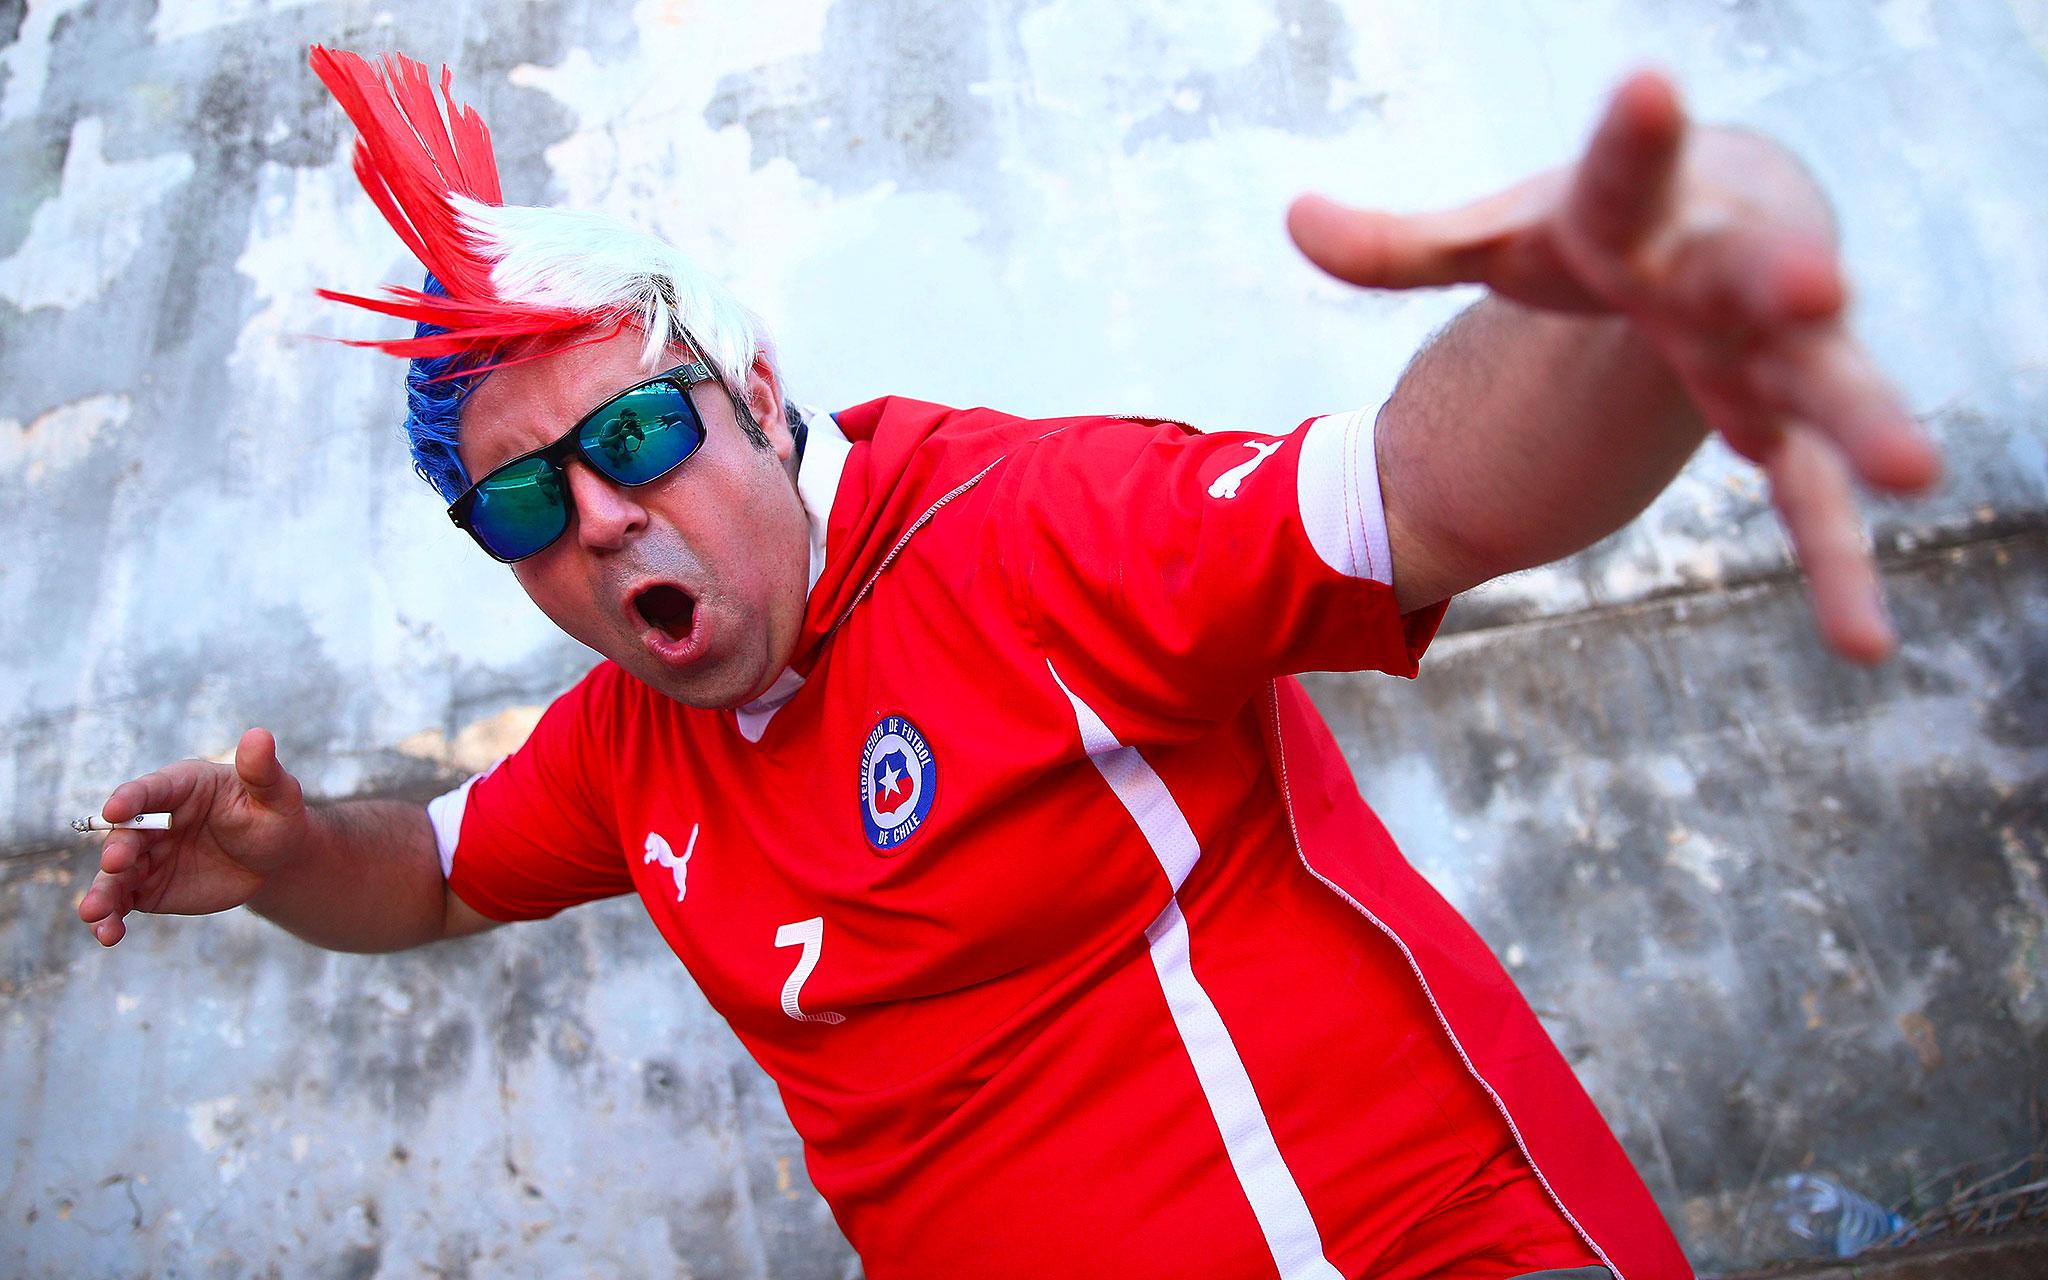 Chile fan